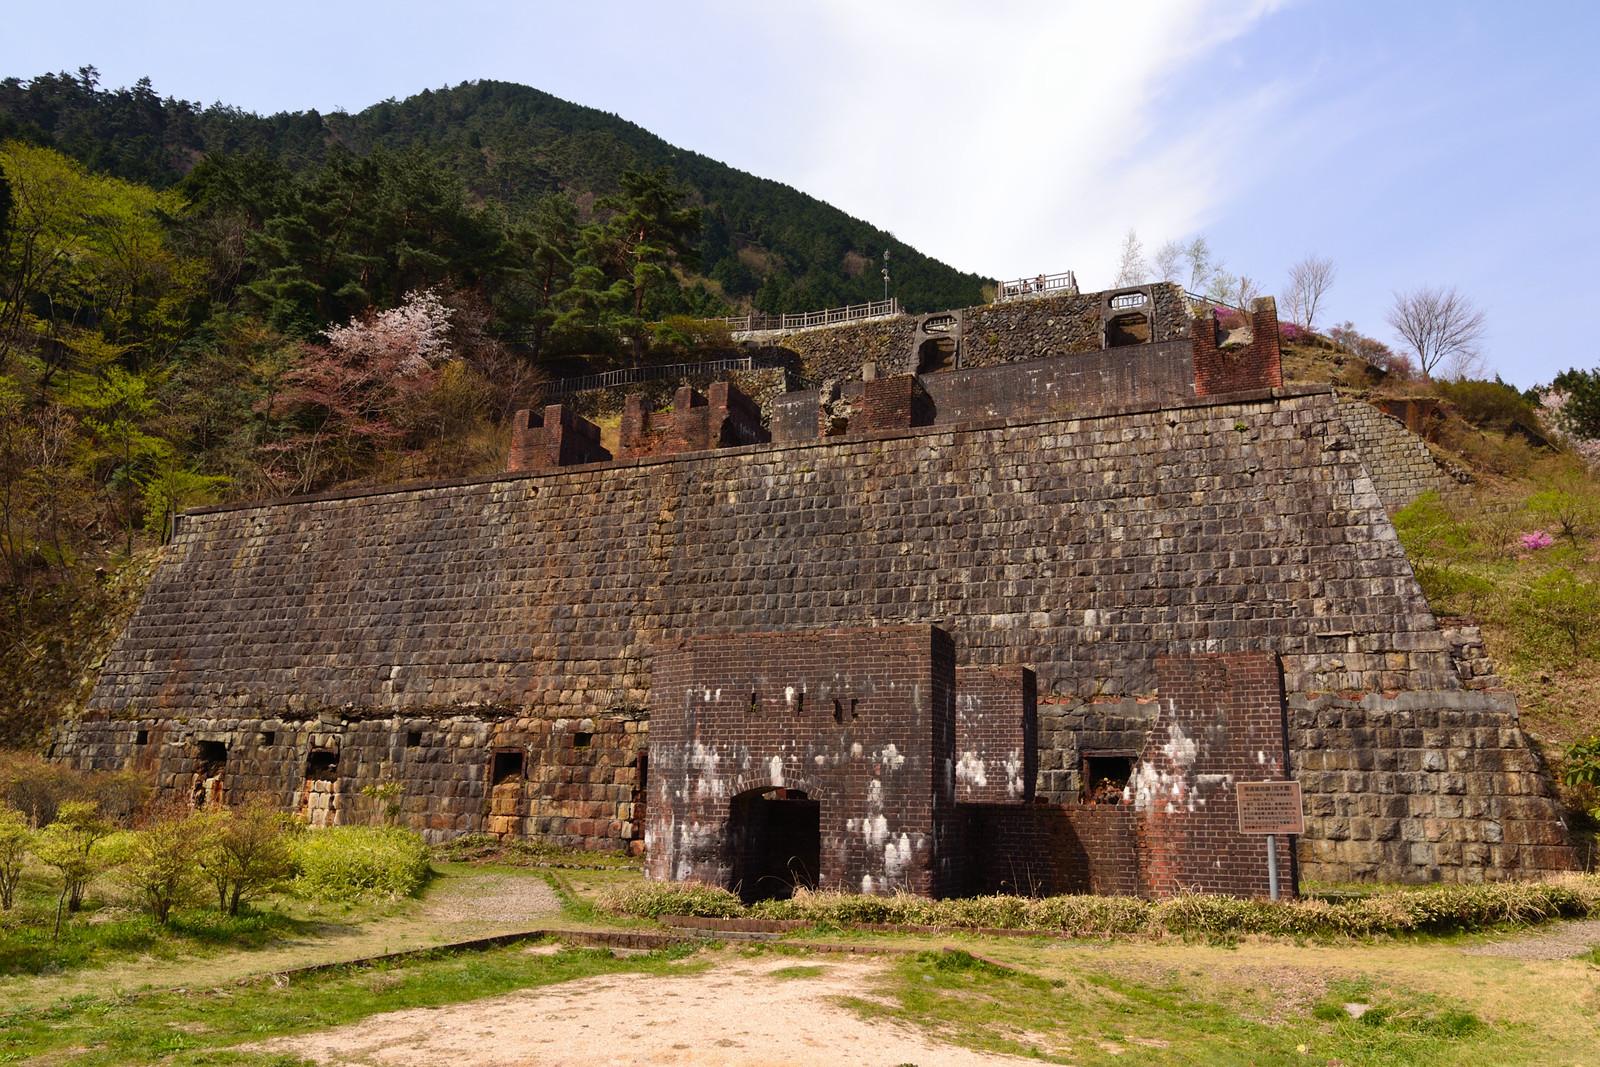 後藤健太郎のブログ                           四国バイク旅.8日目『別子銅山跡』へ。                         コメントトラックバック